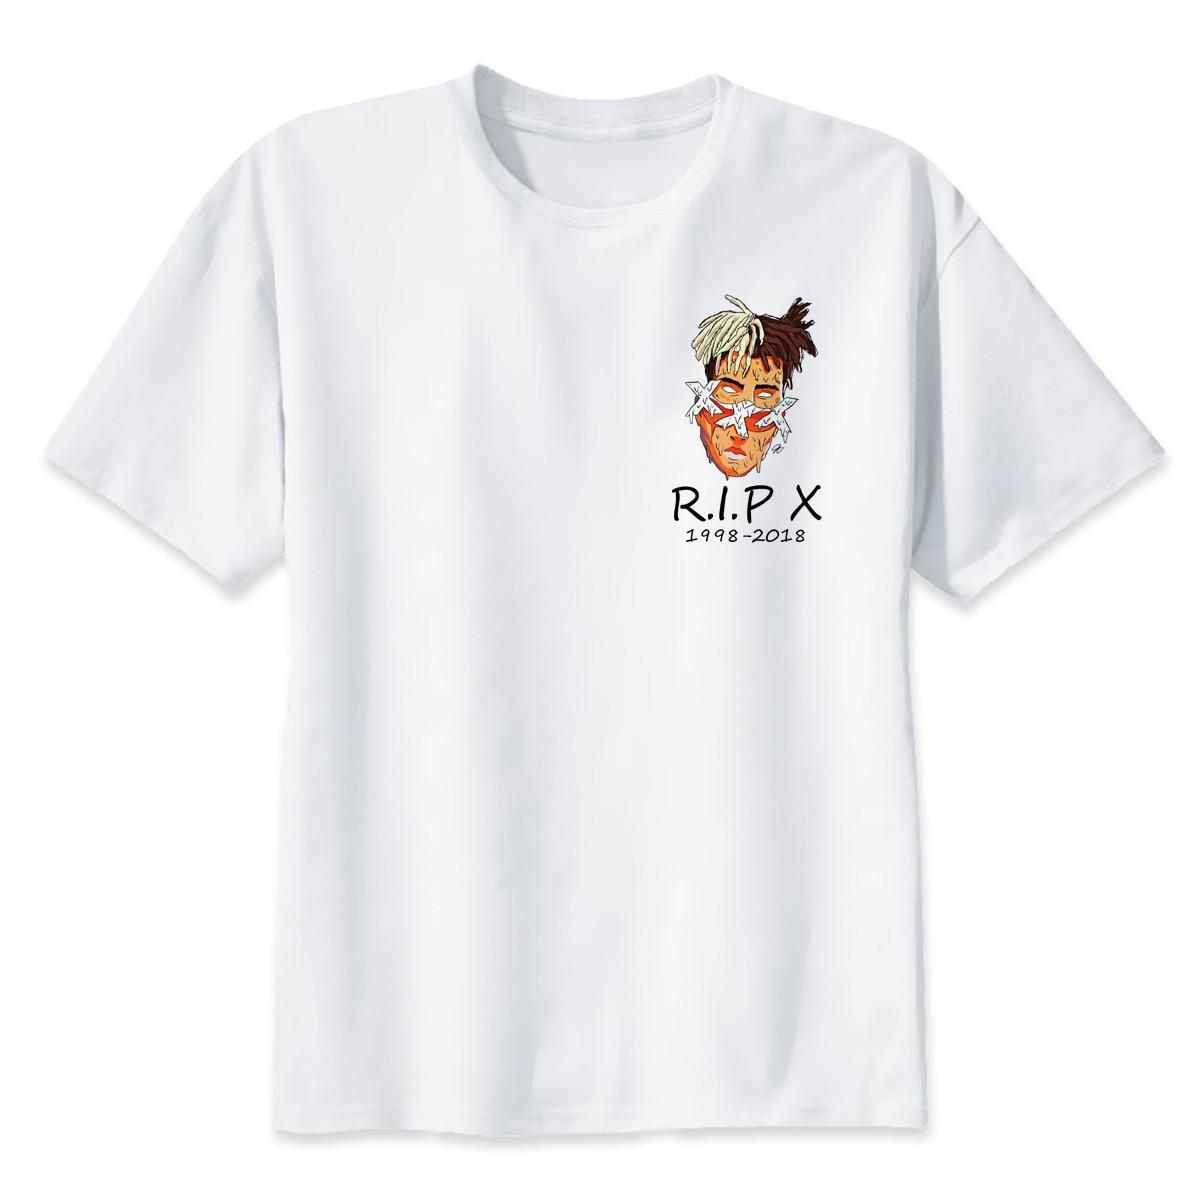 Xxxtentacion RIP Carattere Stampa T-Shirt Fashion Casual Fitness Fresco O-collo della Maglietta degli uomini di Estate Manica Corta Abbigliamento Uomo